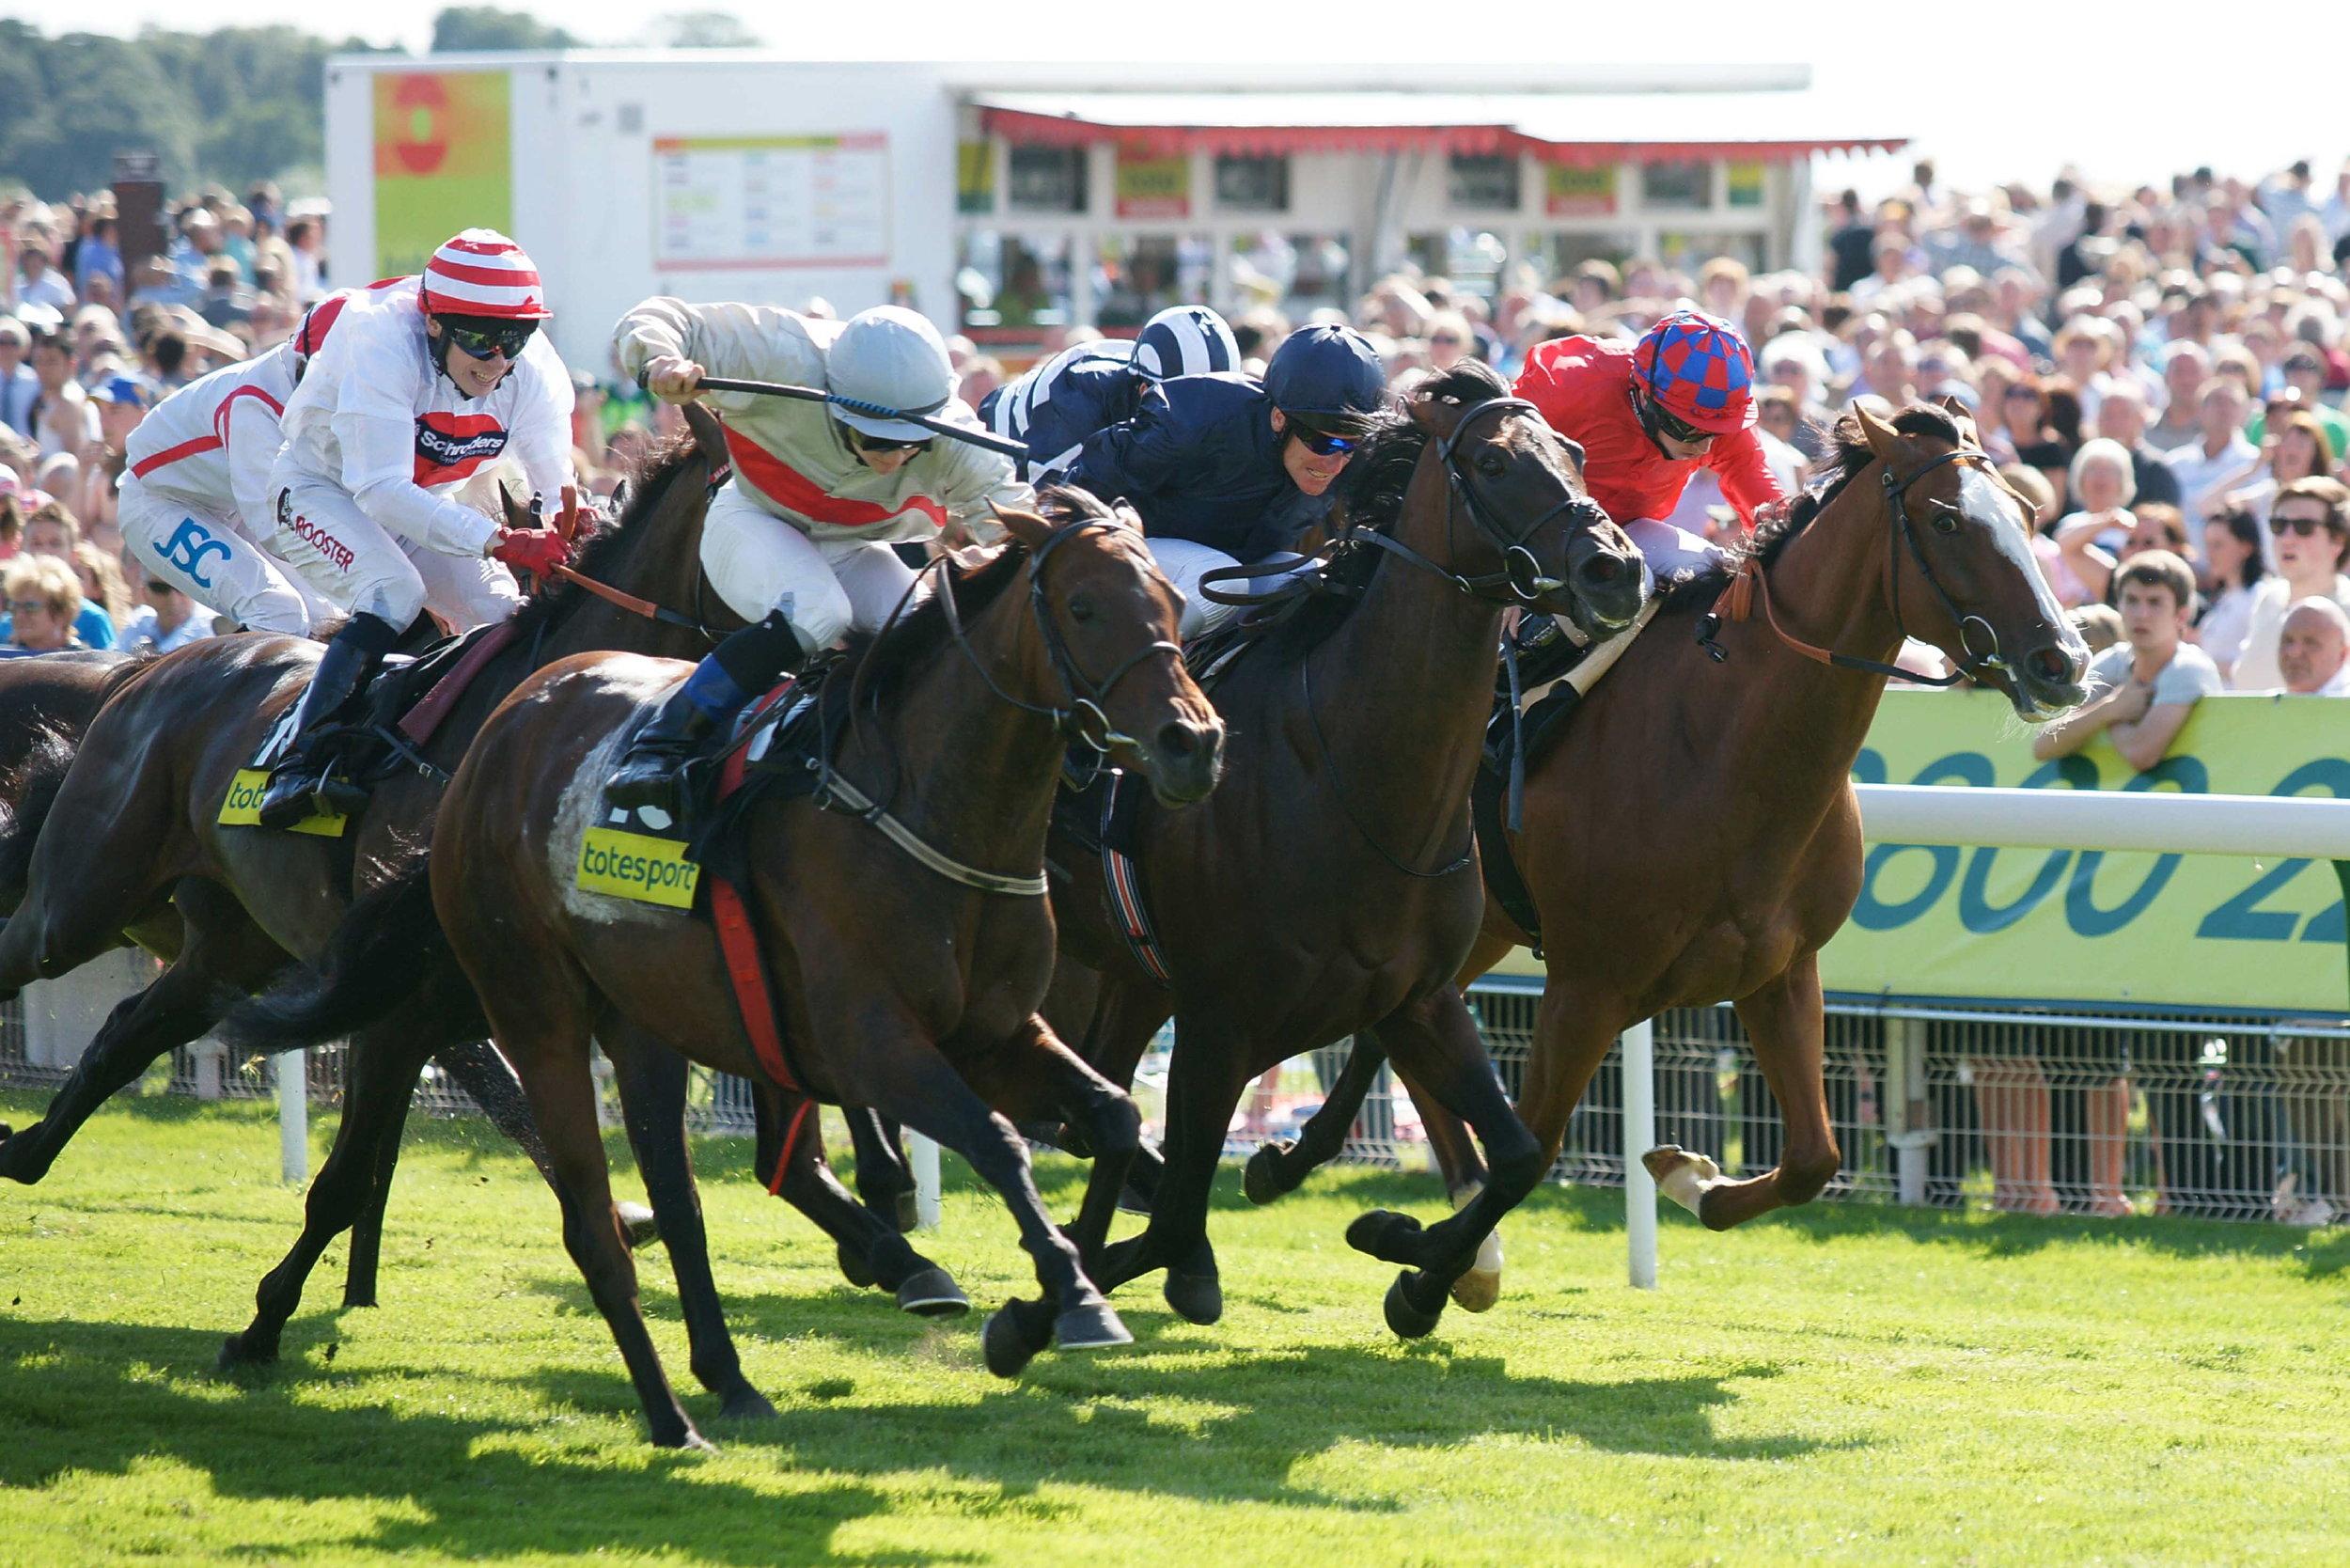 York-Races-017.jpg